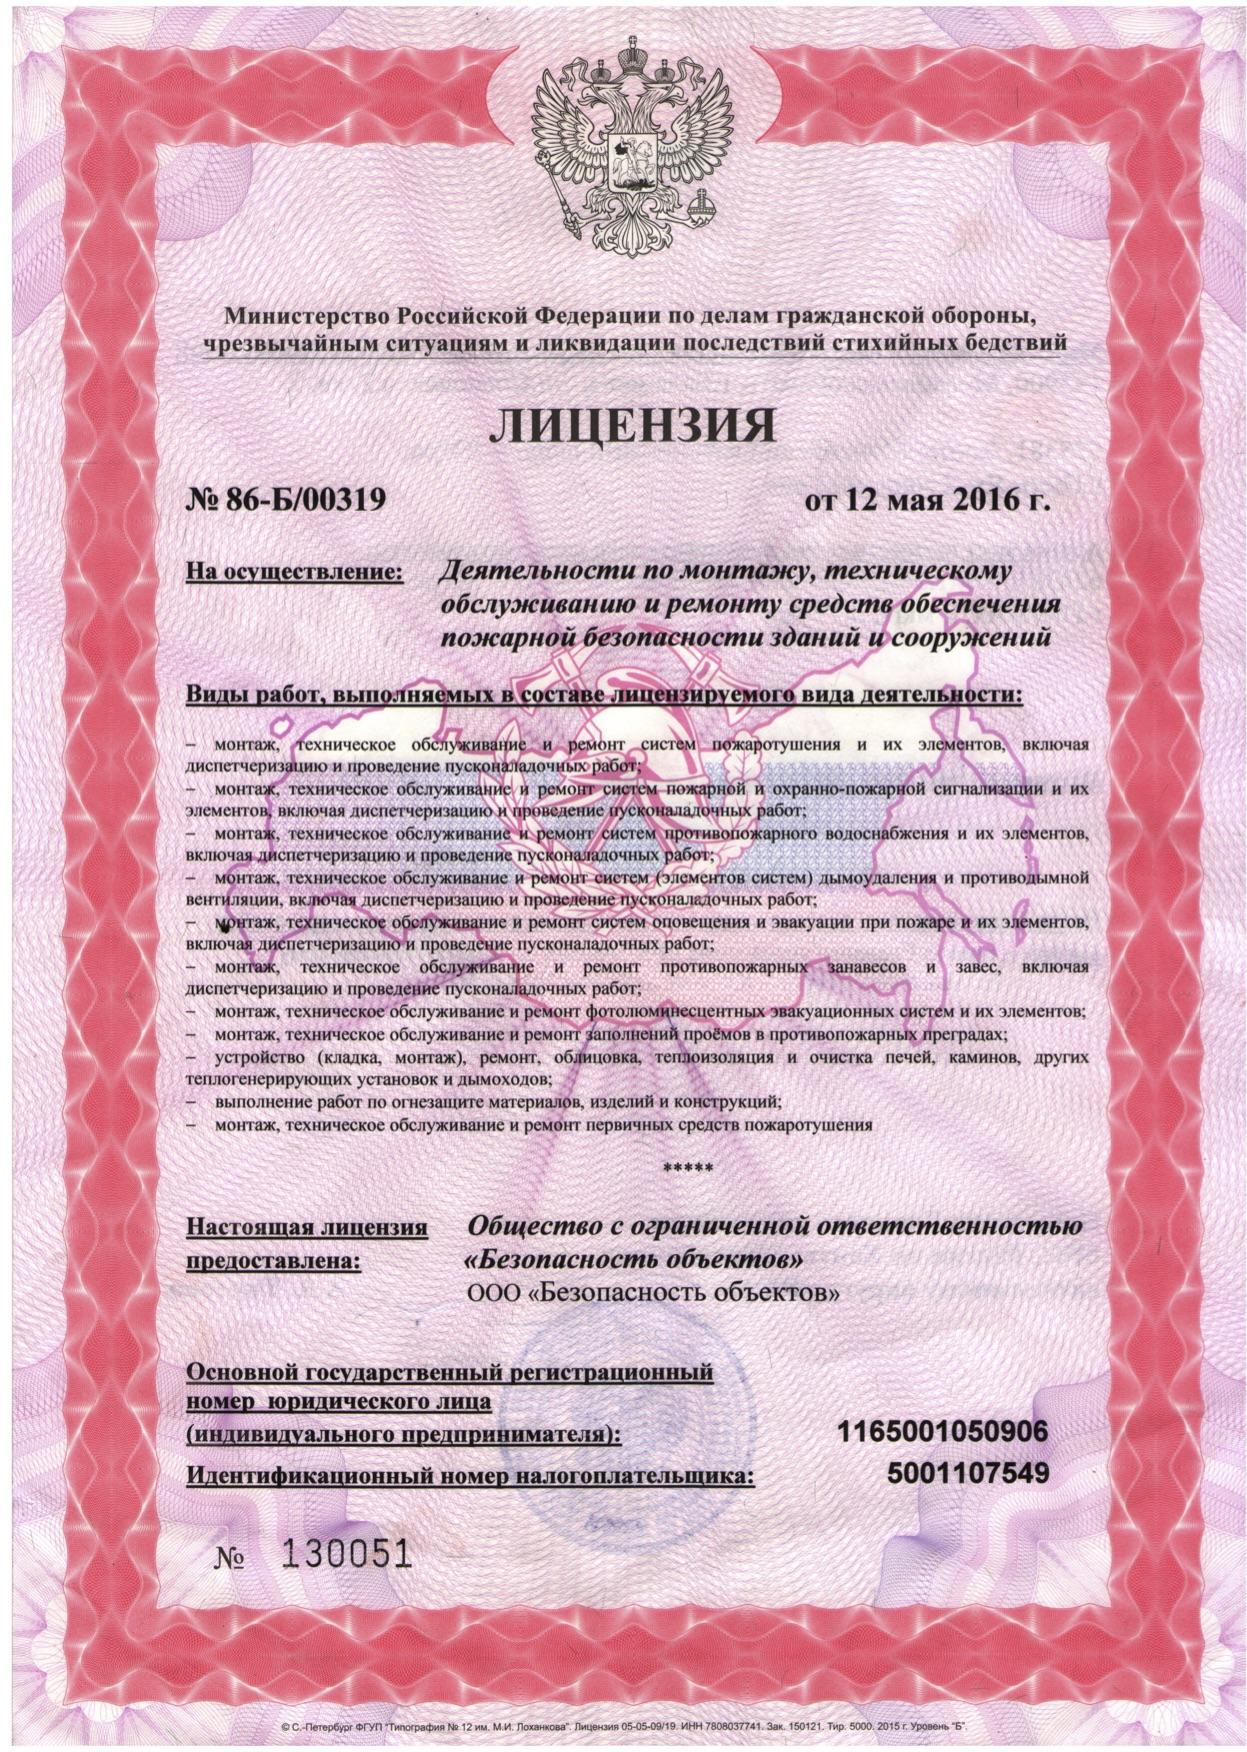 Лицензия МЧС ООО Безопасность обьектов